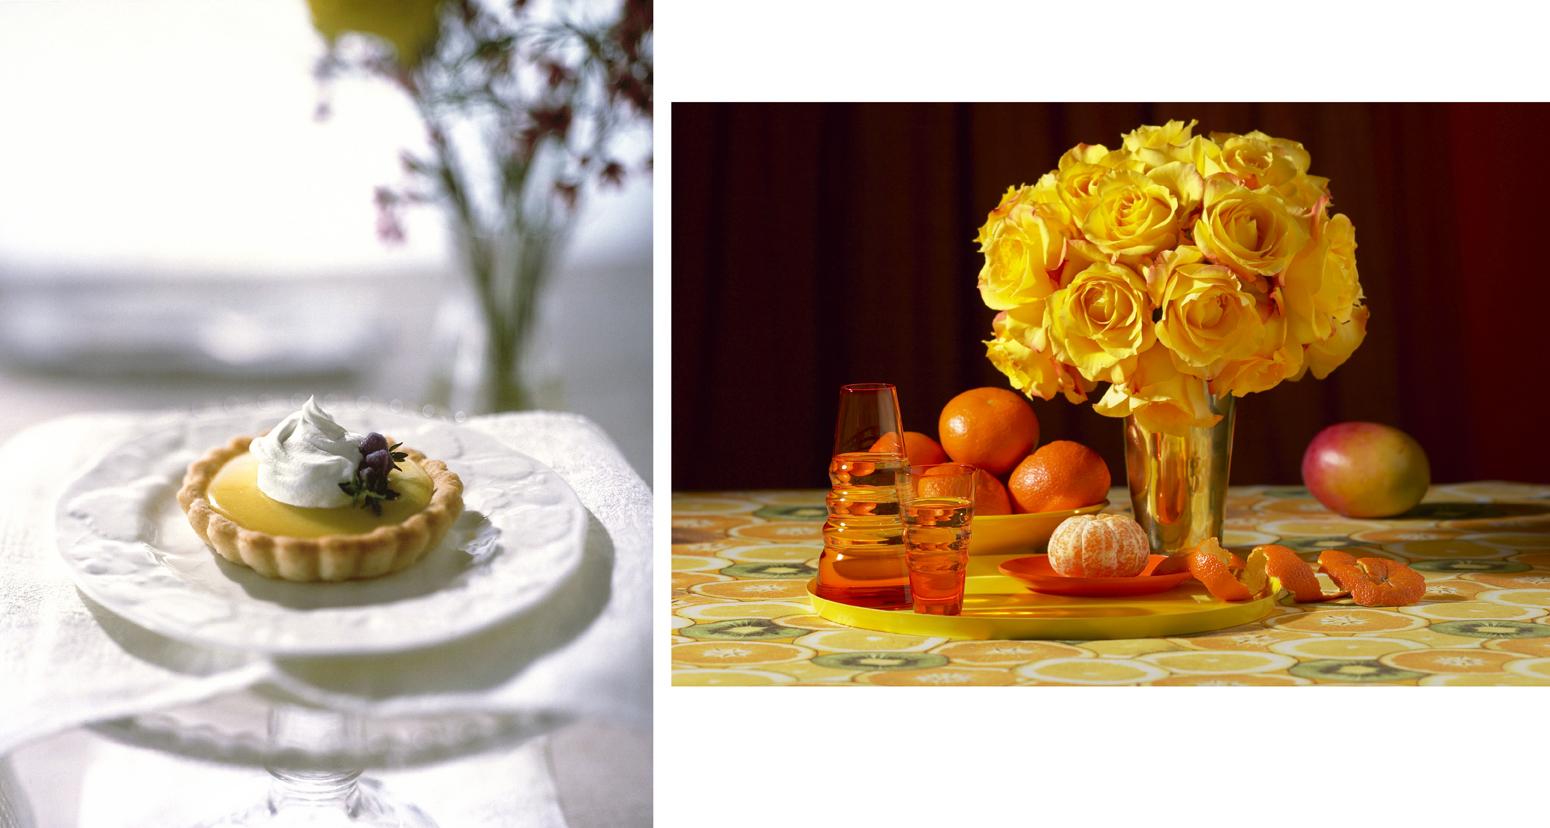 42-43-LemonTart-035-Lorange7-051